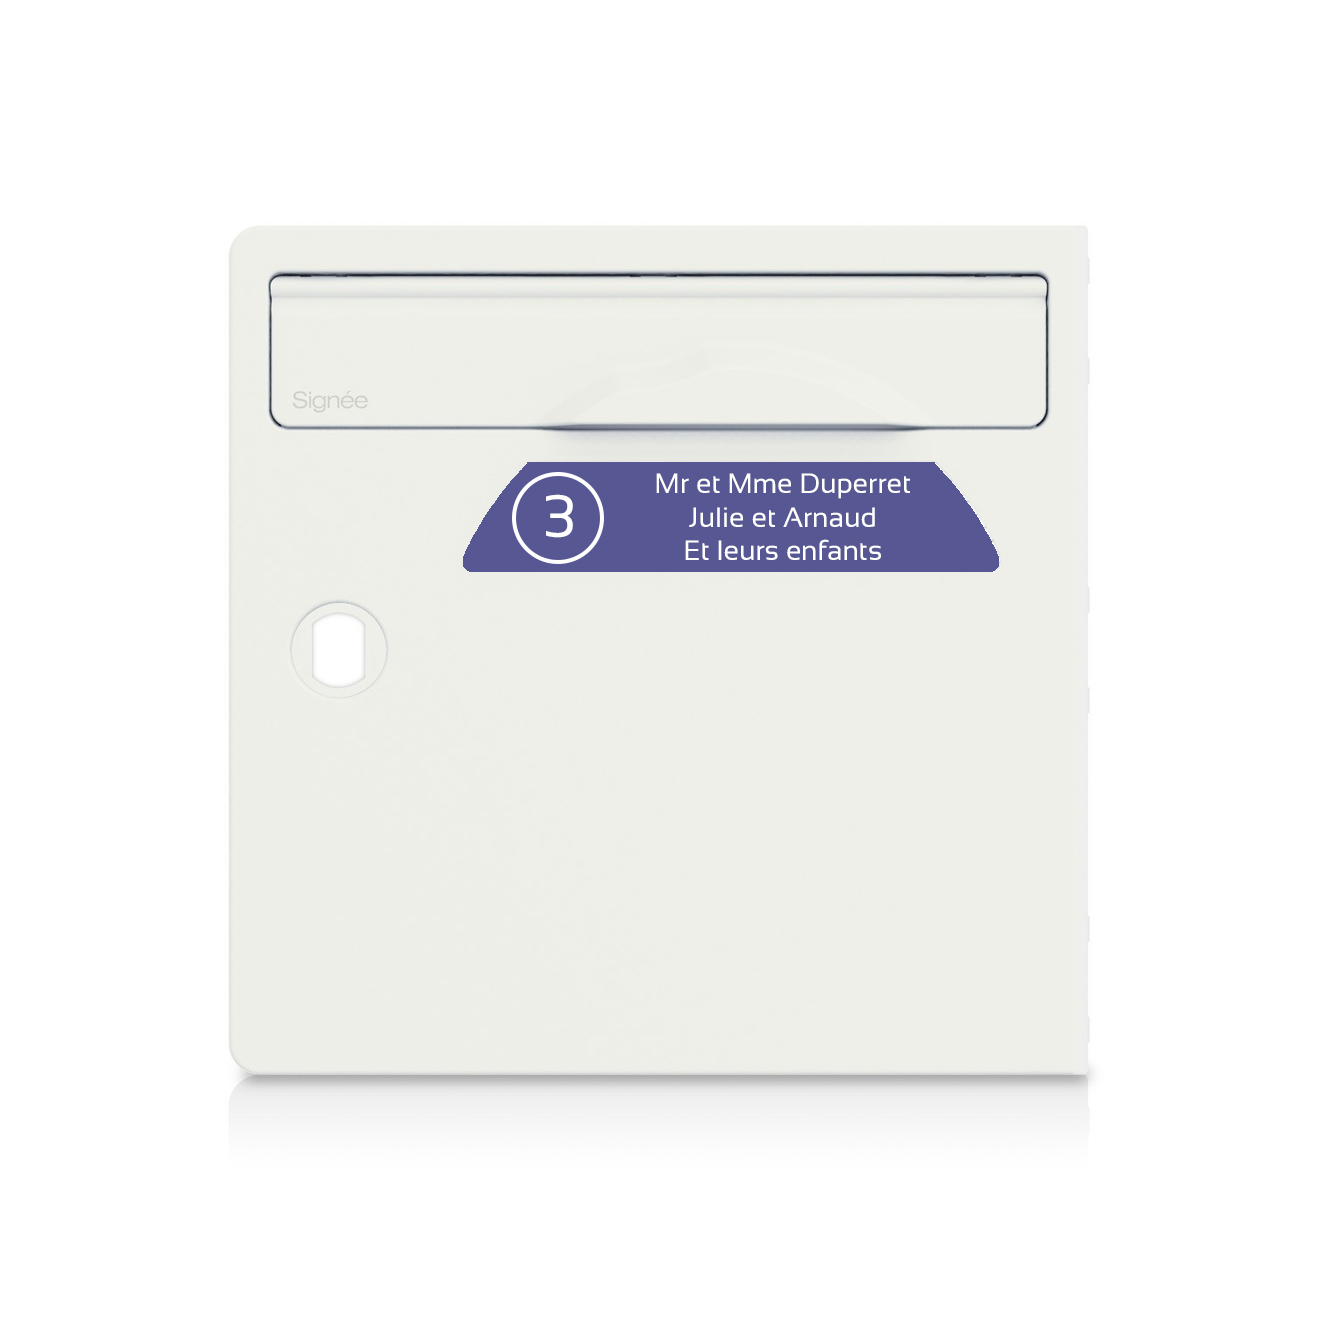 Plaque boite aux lettres Signée NUMERO violette lettres blanches - 3 lignes